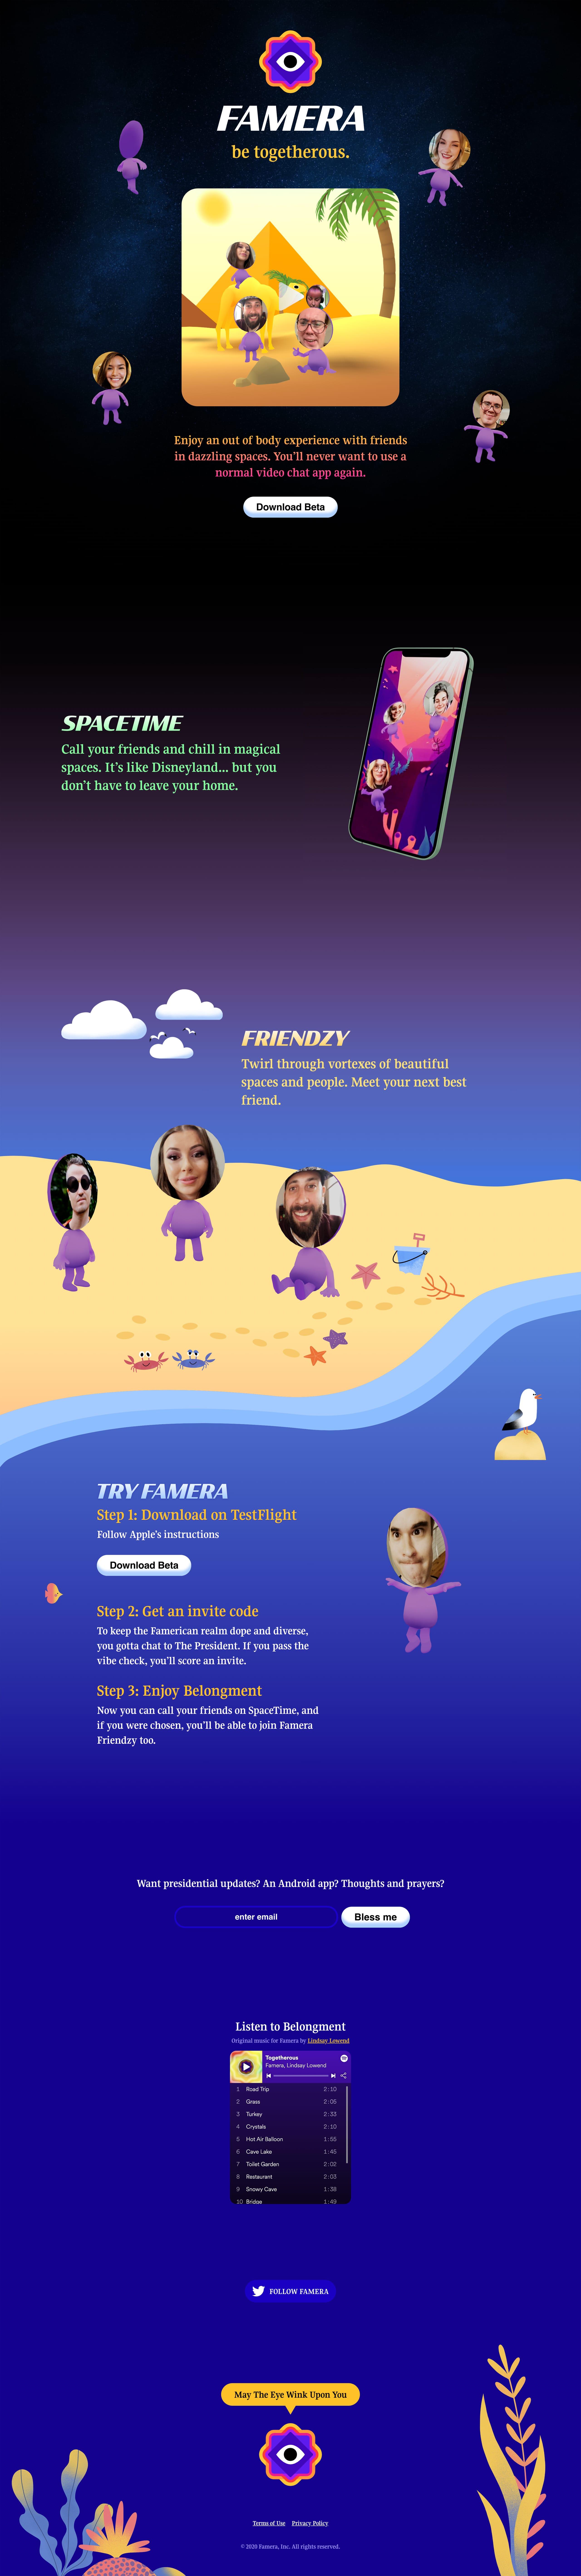 Famera Website Screenshot